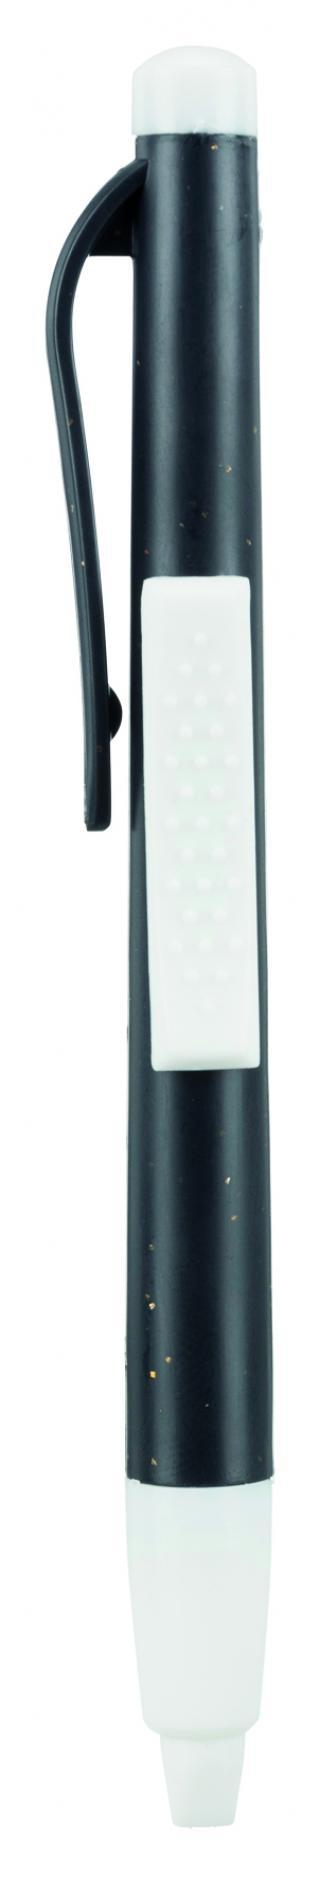 Vytahovač na klíšťata - plastový s výsuvným očkem 11 cm